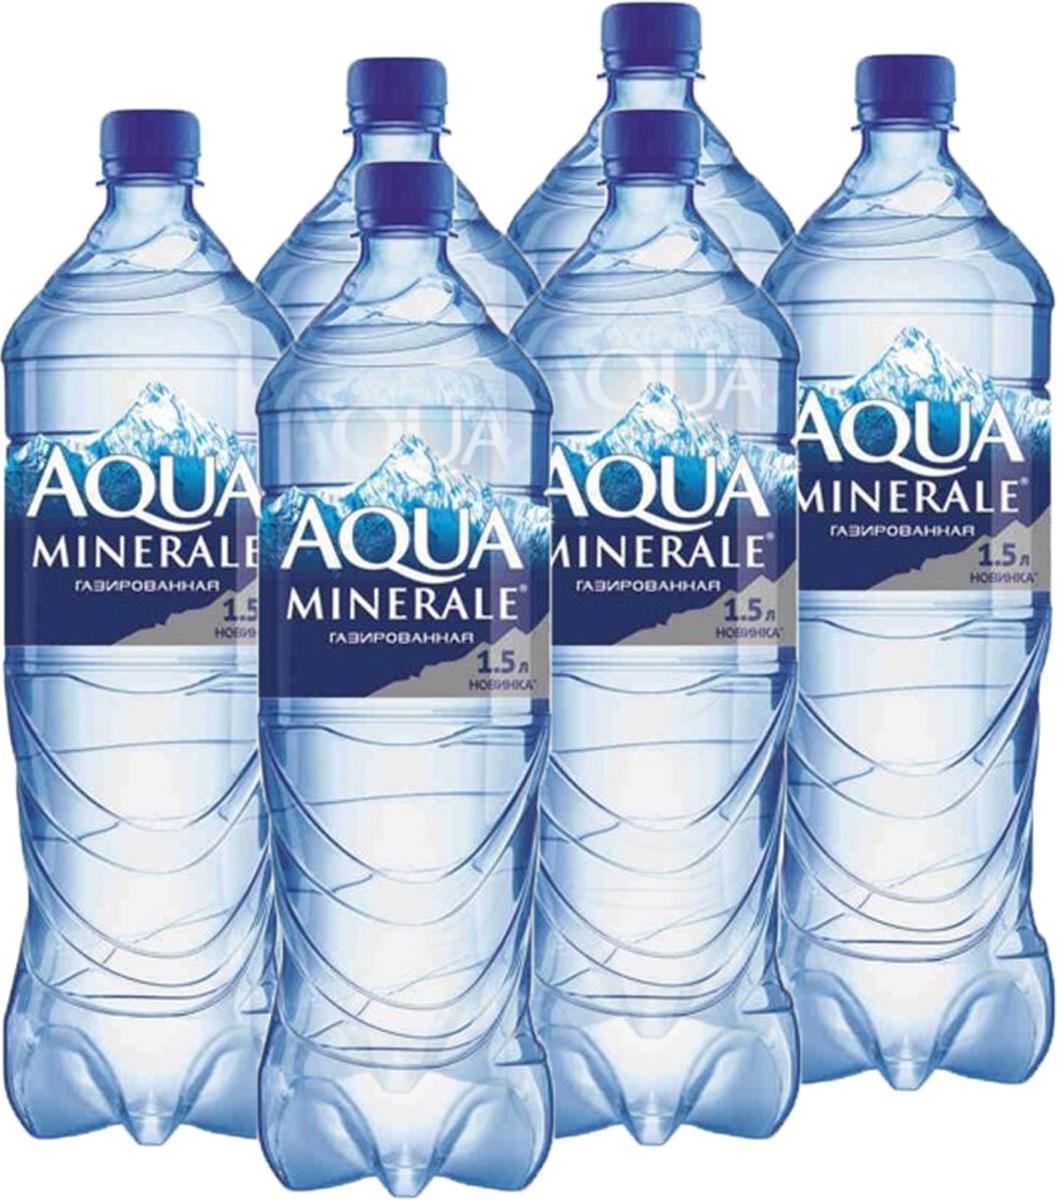 Aqua Minerale вода газированная питьевая, 6 штук по 1,5 л340026789_блокиAqua Minerale – газированная вода с удивительно мягким вкусом.О бренде:Aqua Minerale — питьевая вода с удивительно мягким вкусом.Появившись в России в 1995 году, бренд стал одним из первых в сегменте питьевой бутилированной воды. С тех пор марка полюбилась потребителям и остается одной из самых популярных на рынке — ежедневно в России продается более 700 тысяч бутылок Aqua Minerale. Сейчас в портфеле бренда негазированная и газированная вода, линейка Aqua Minerale Active, обогащенная витаминами и минералами, а также линейка Aqua Minerale с соком, представленная в 4-х вкусах: лимон, черешня, мята-лайм, яблоко.